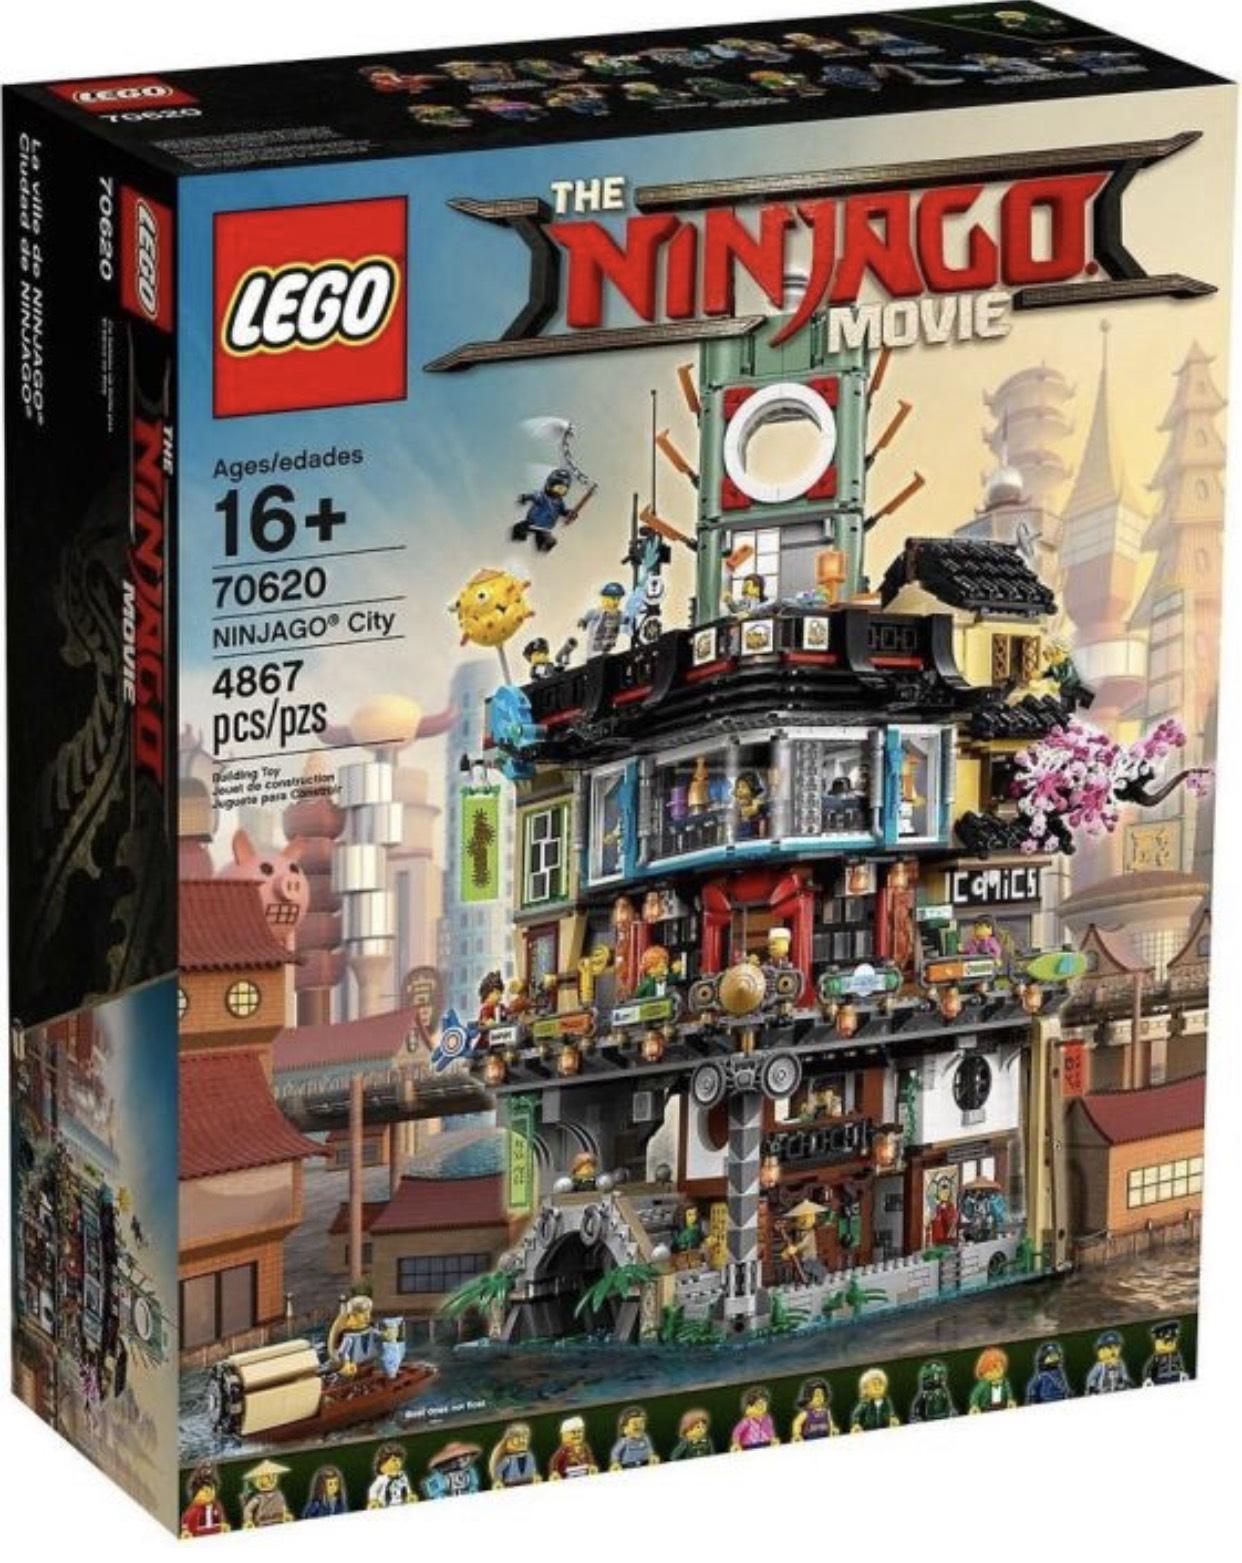 LEGO The Ninjago Movie - Ninjago City